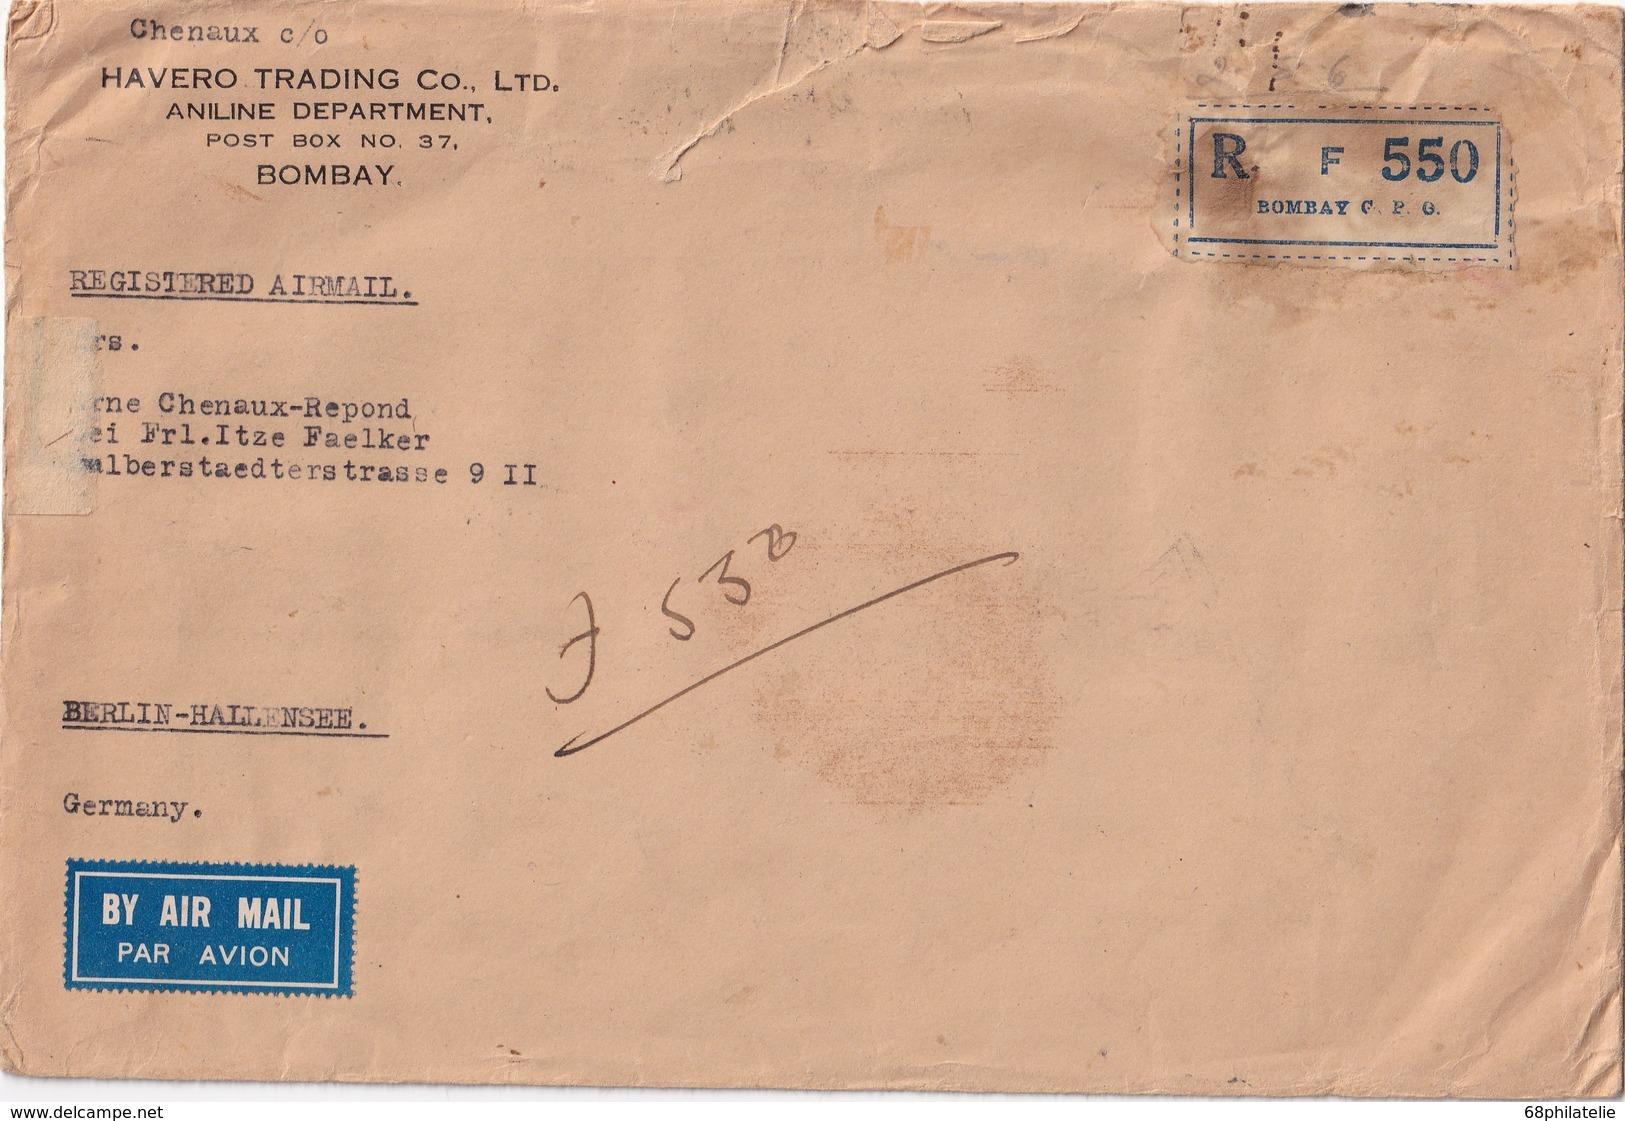 INDE 1936 LETTRE RECOMMANDEE DE BOMBAY AVEC CACHET ARRIVEE BERLIN - India (...-1947)